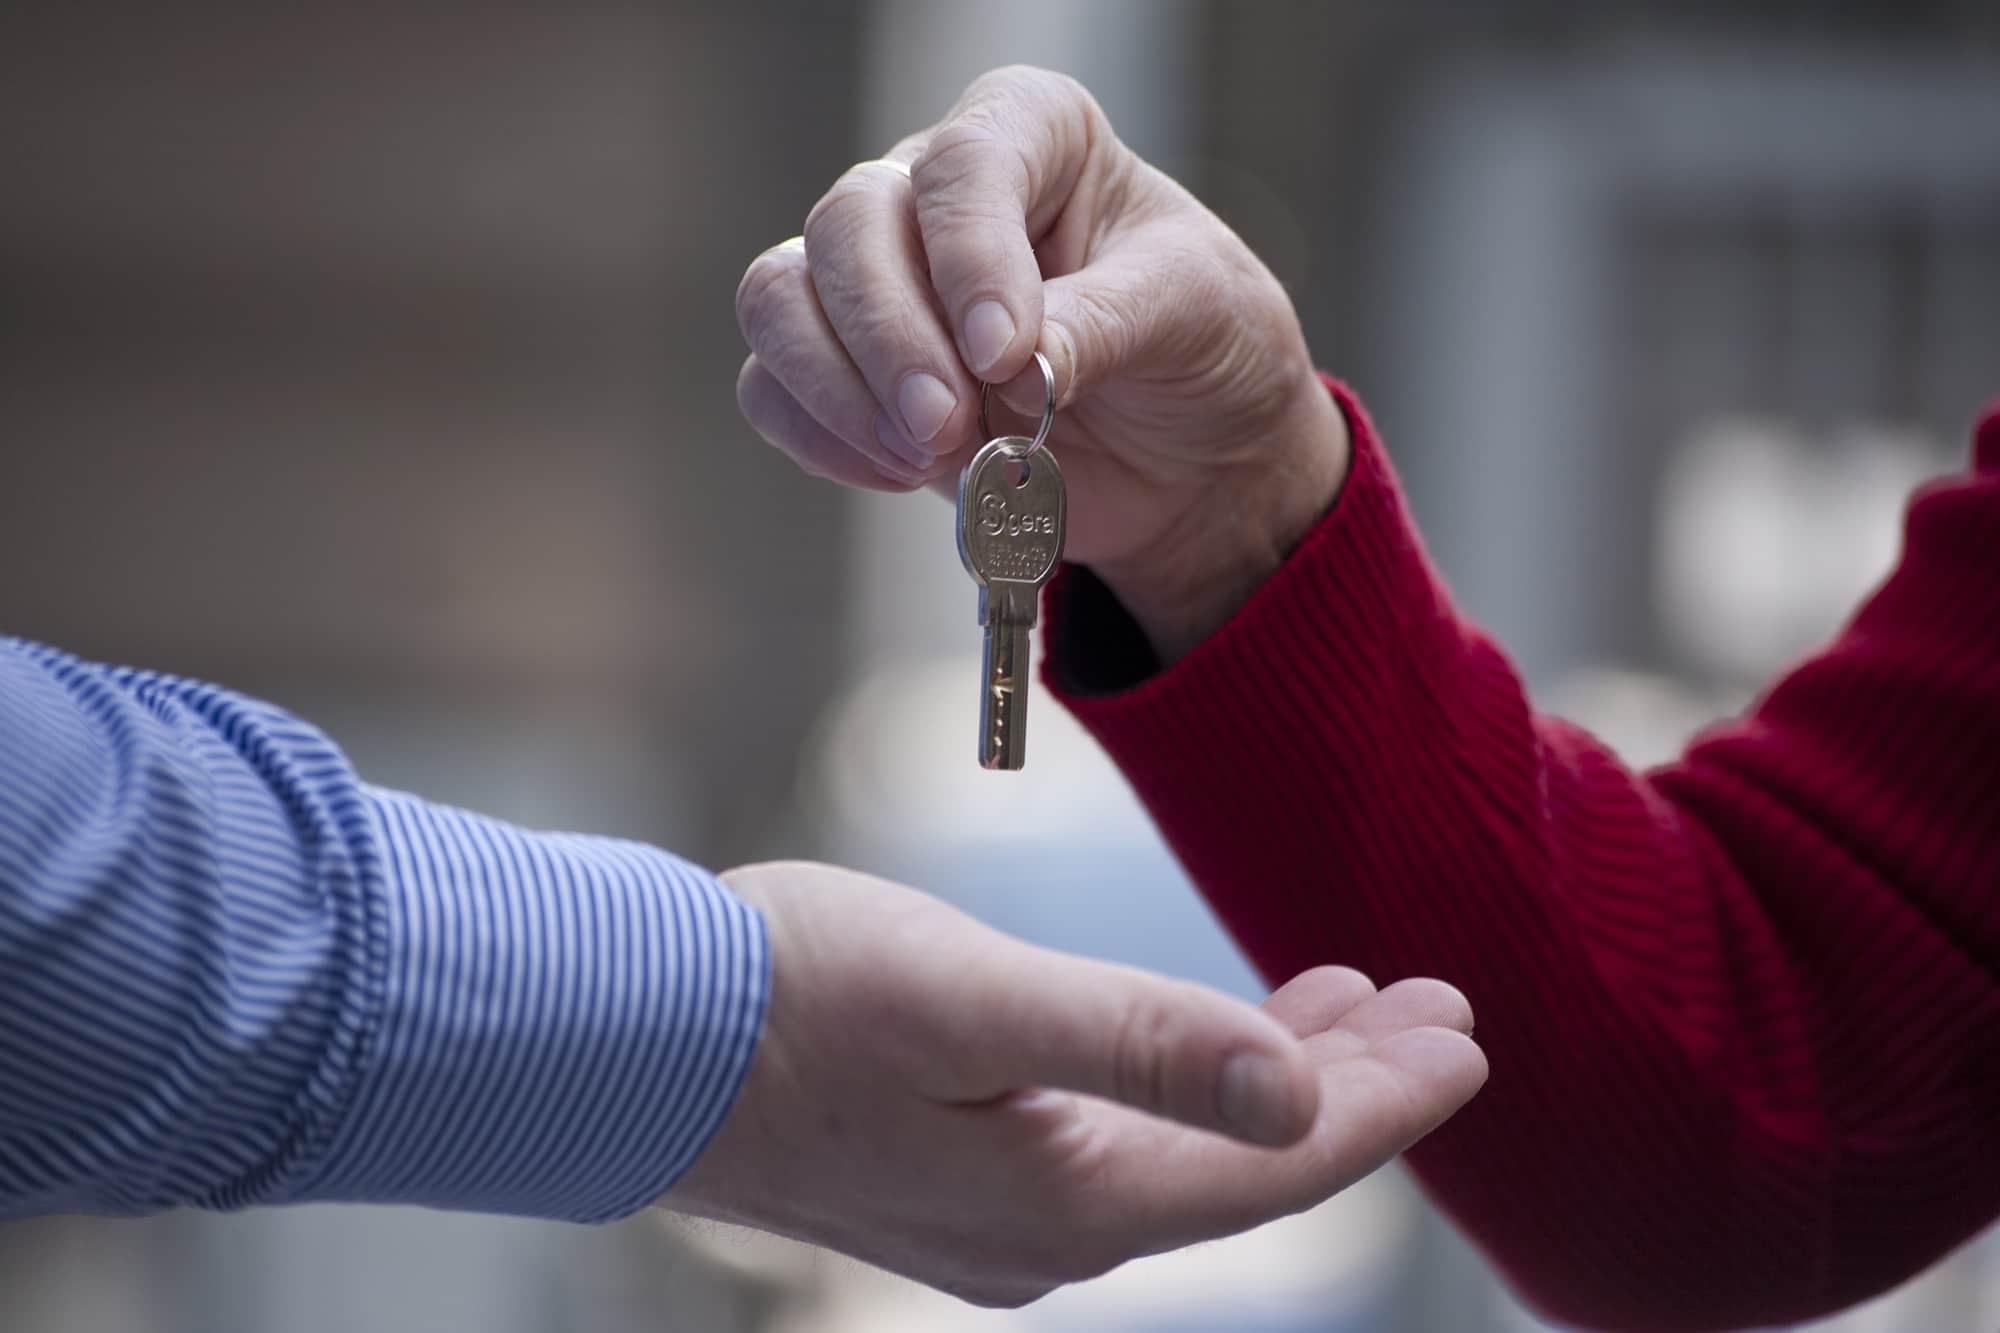 Kauf-/Verkauf Einer Immobilie